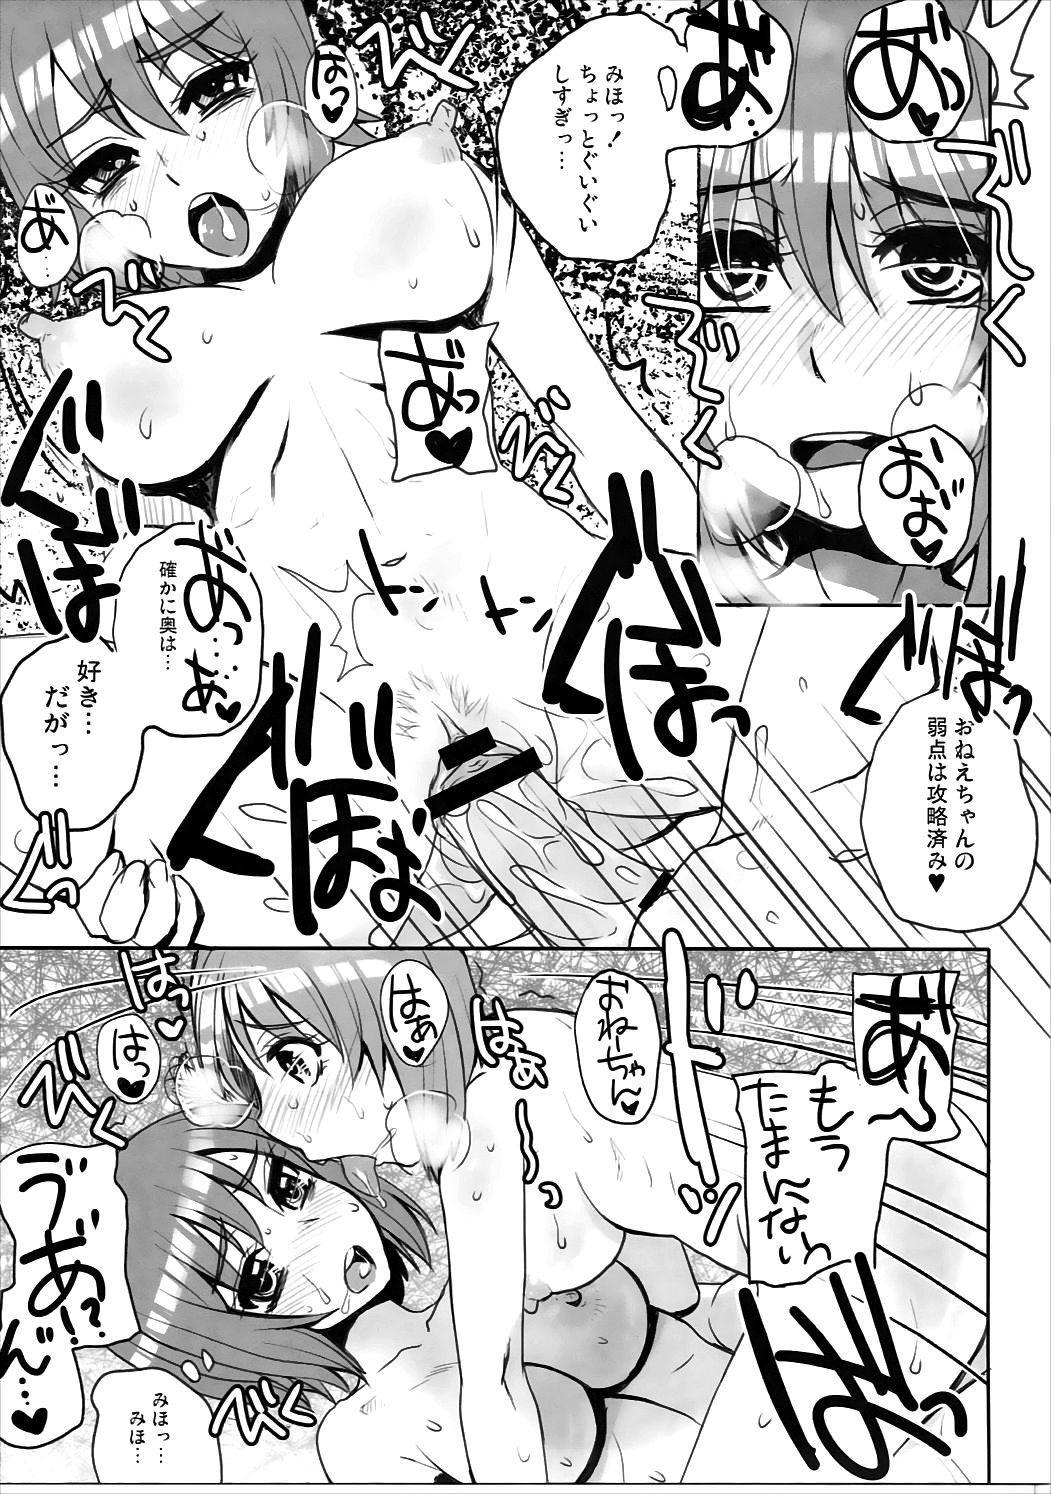 Nakanaori Zukozuko Sakusen desu! 5